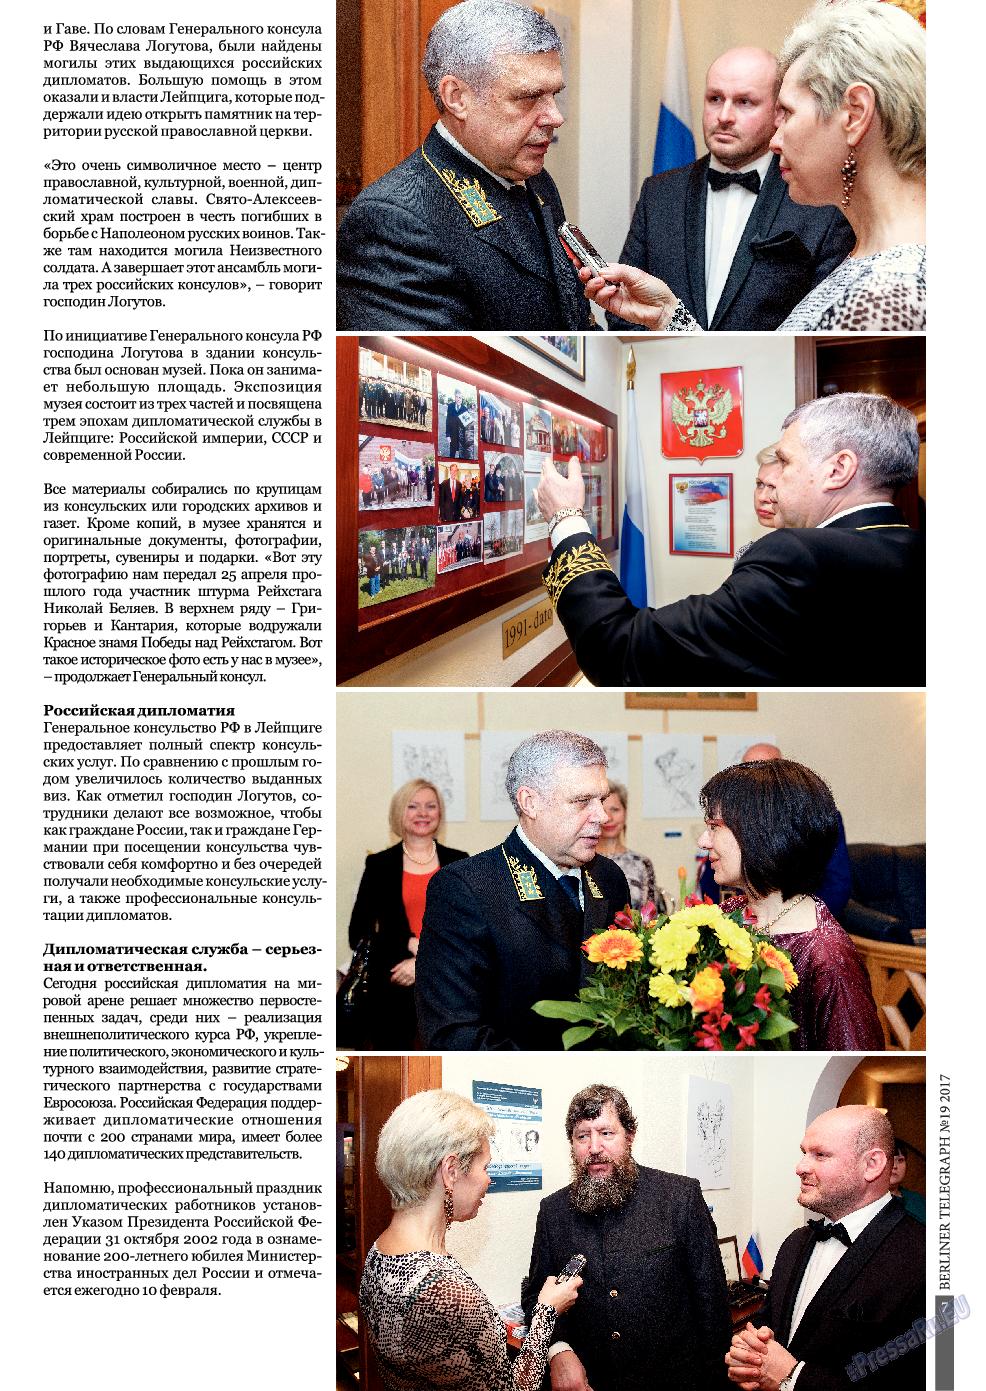 Берлинский телеграф (журнал). 2017 год, номер 19, стр. 7